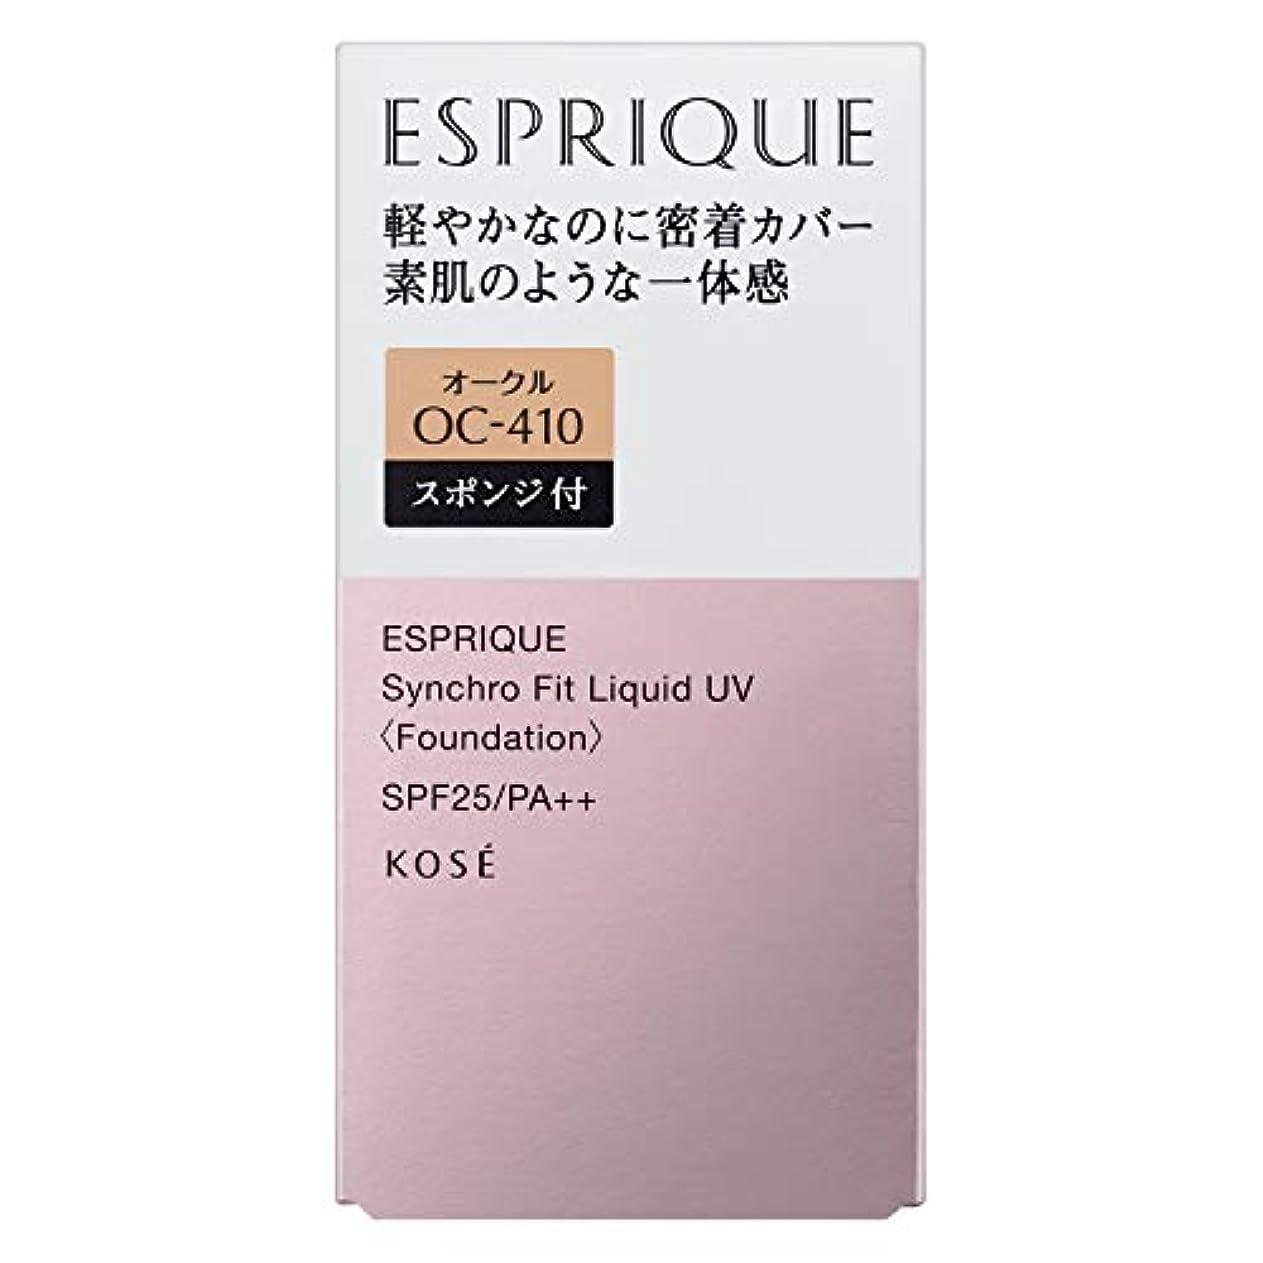 薄暗いトマトリビングルームESPRIQUE(エスプリーク) エスプリーク シンクロフィット リキッド UV ファンデーション 無香料 OC-410 オークル 30g